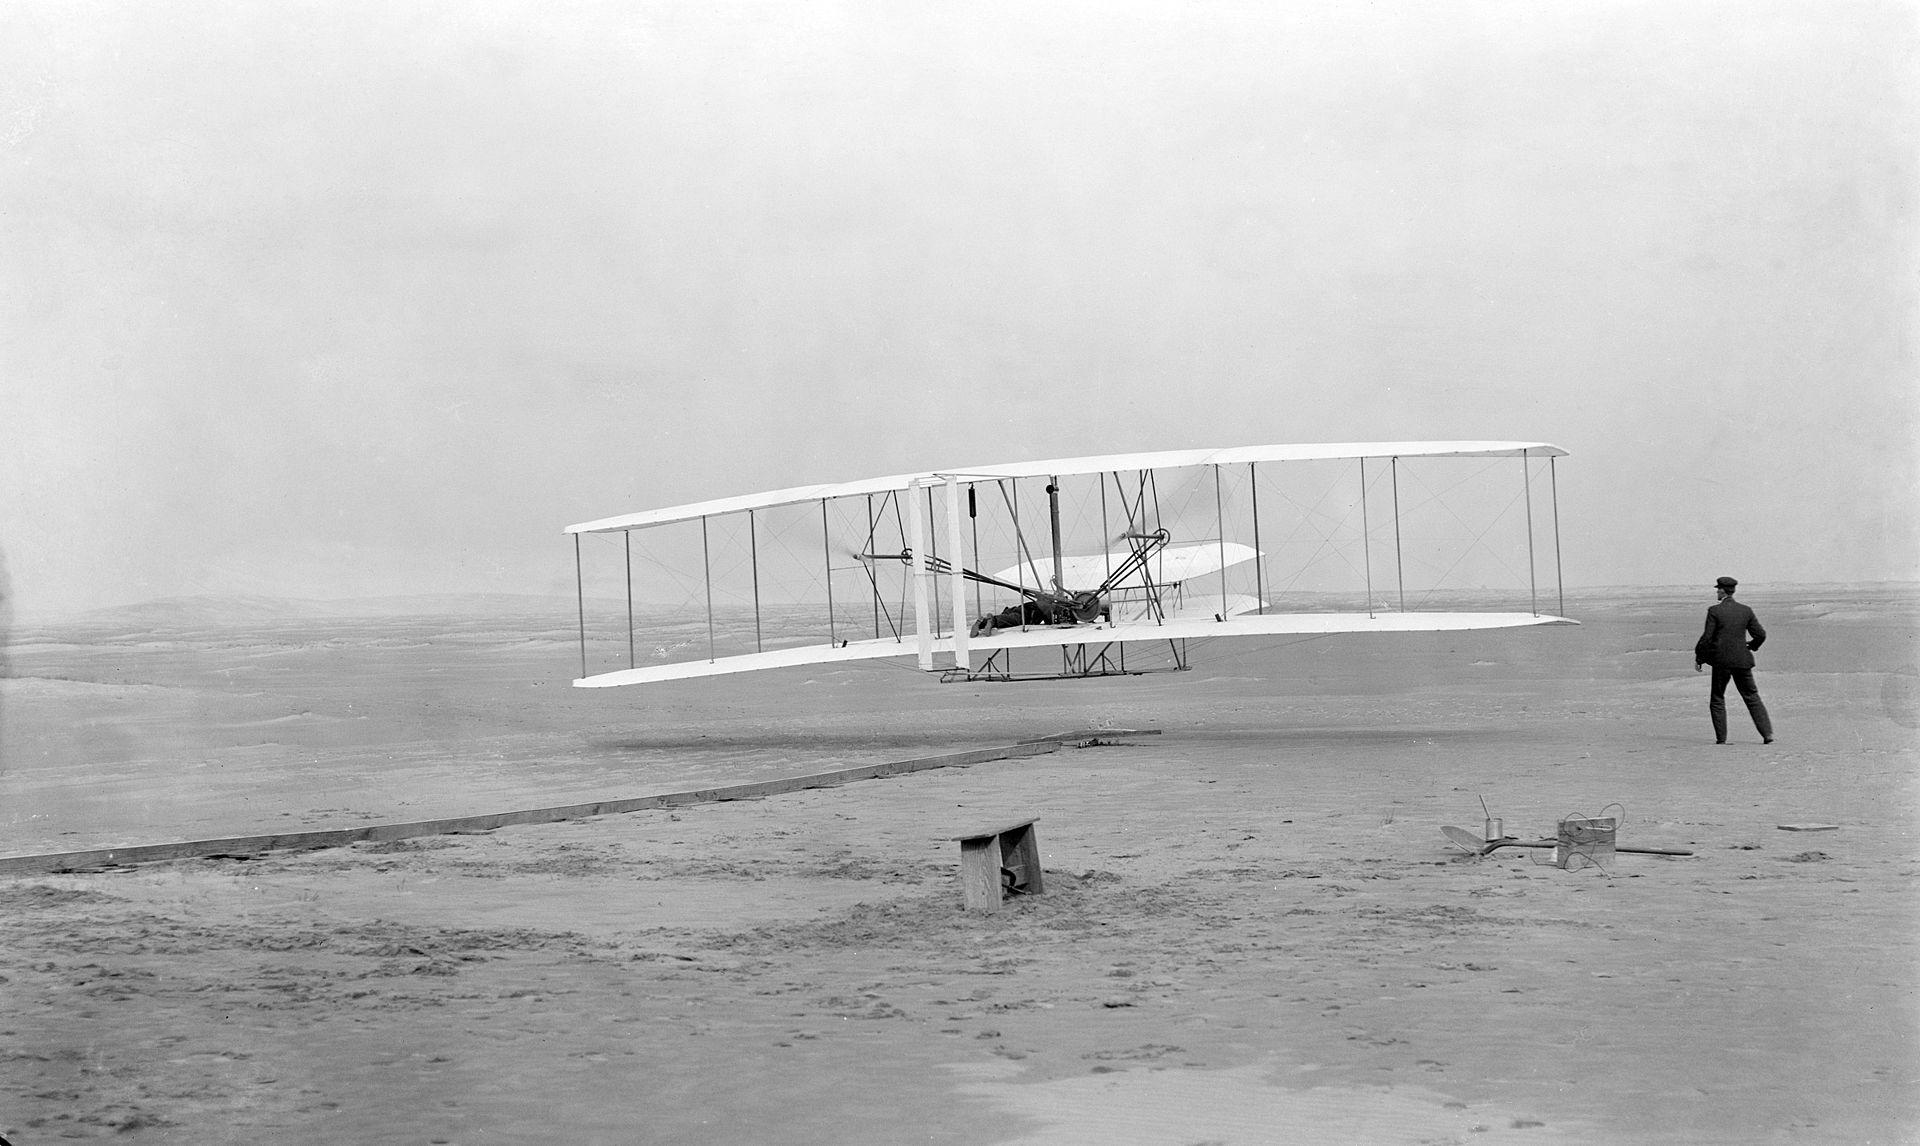 Flyer braci Wright, 17 grudnia 1903 roku